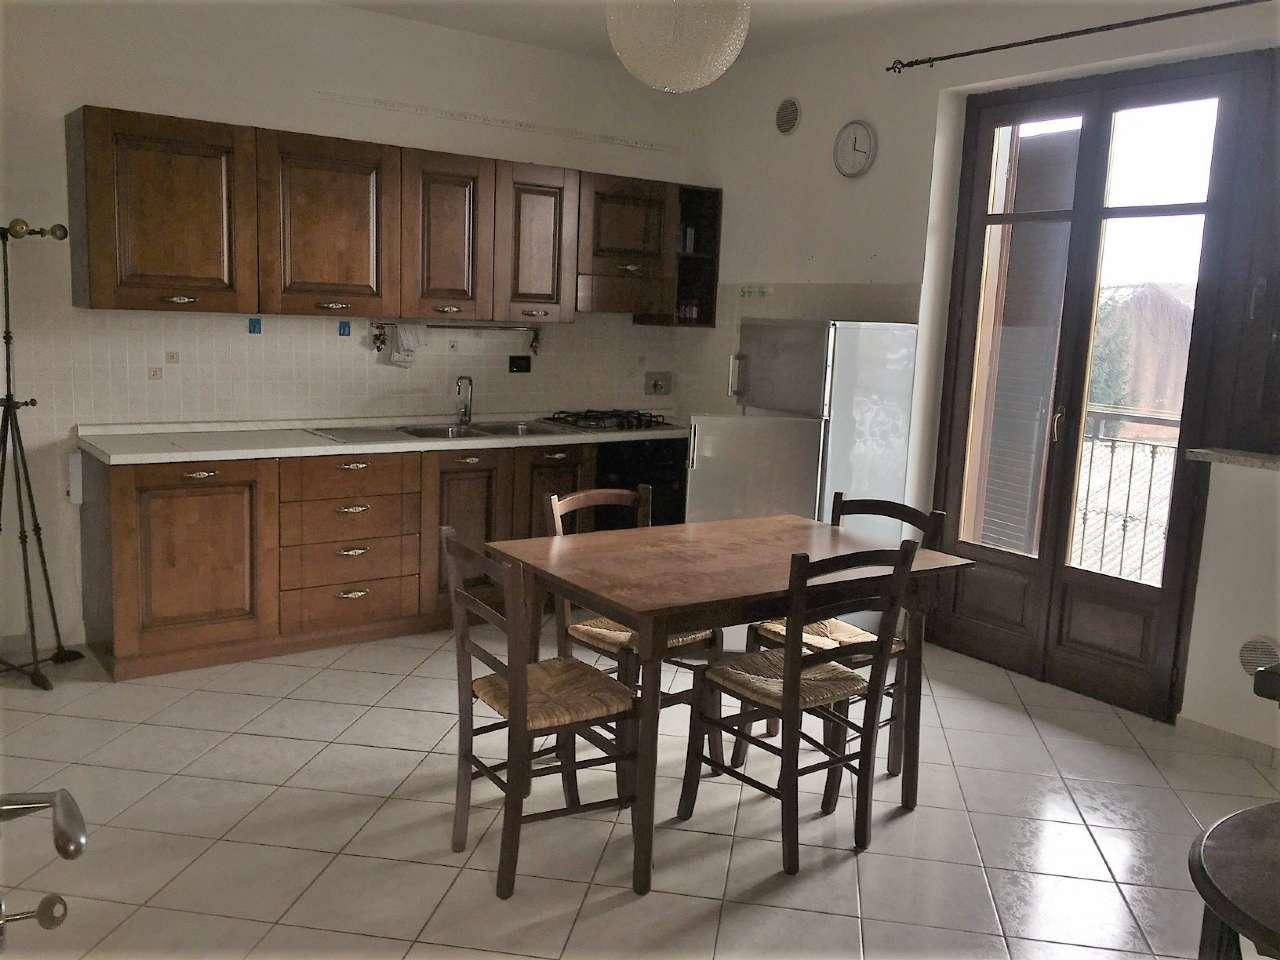 Appartamento in vendita indirizzo su richiesta Carmagnola